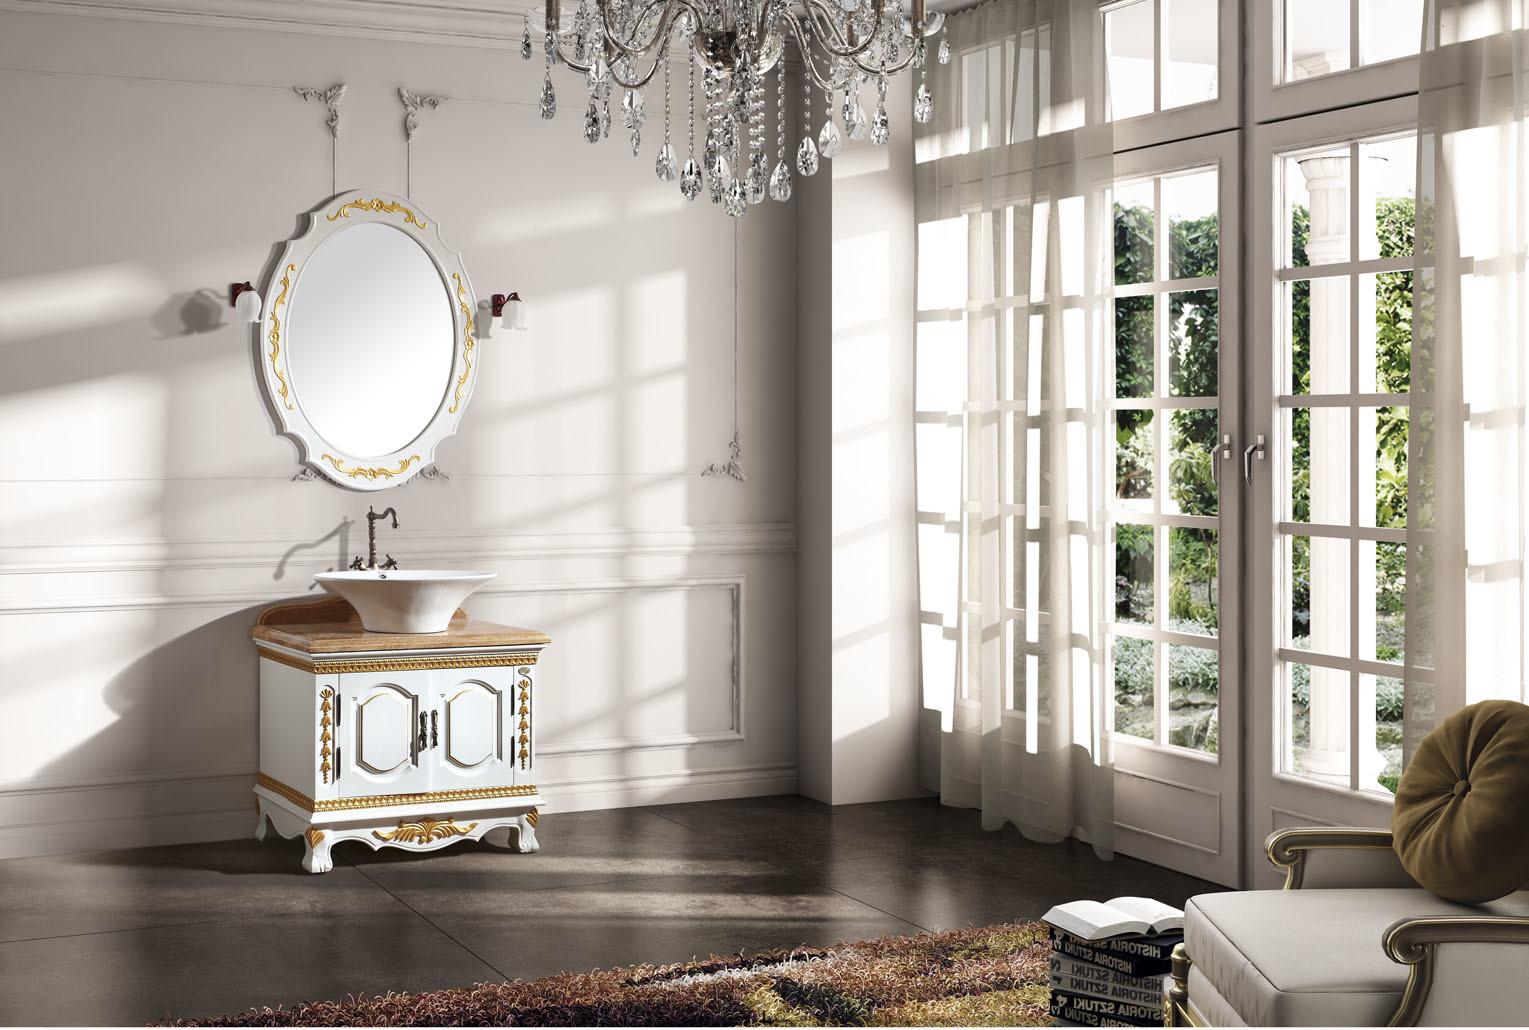 Thailand een een groot houten antiek ijdelheid kabinet van de badkamers fs b616 thailand - Douchekamer model ...